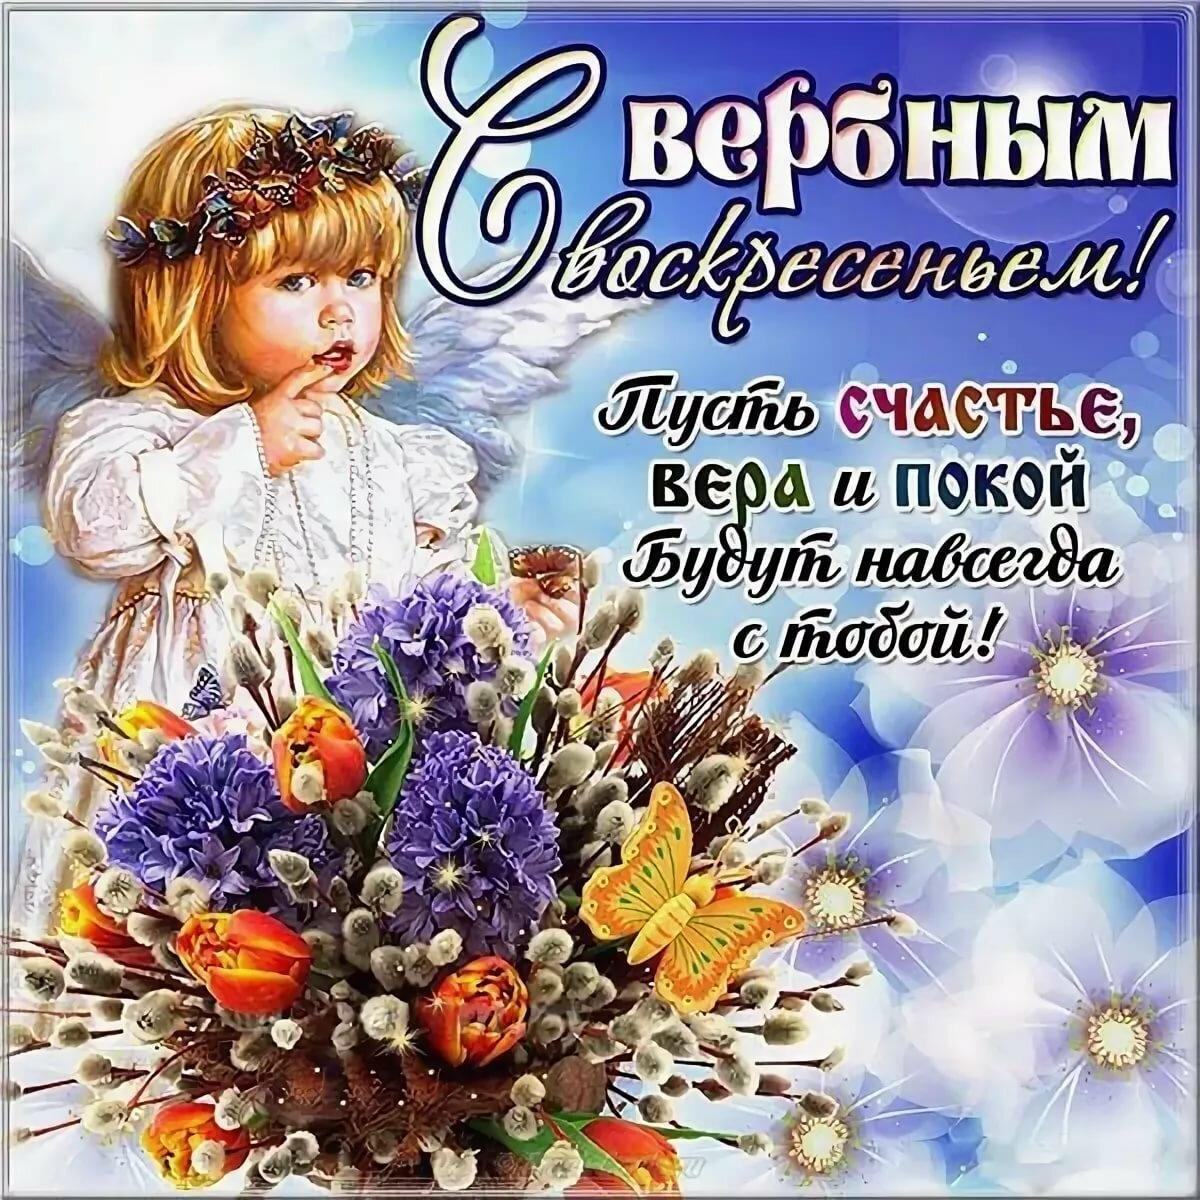 Фото Вербное воскресенье 25 апреля: красивые открытки и душевные поздравления 8